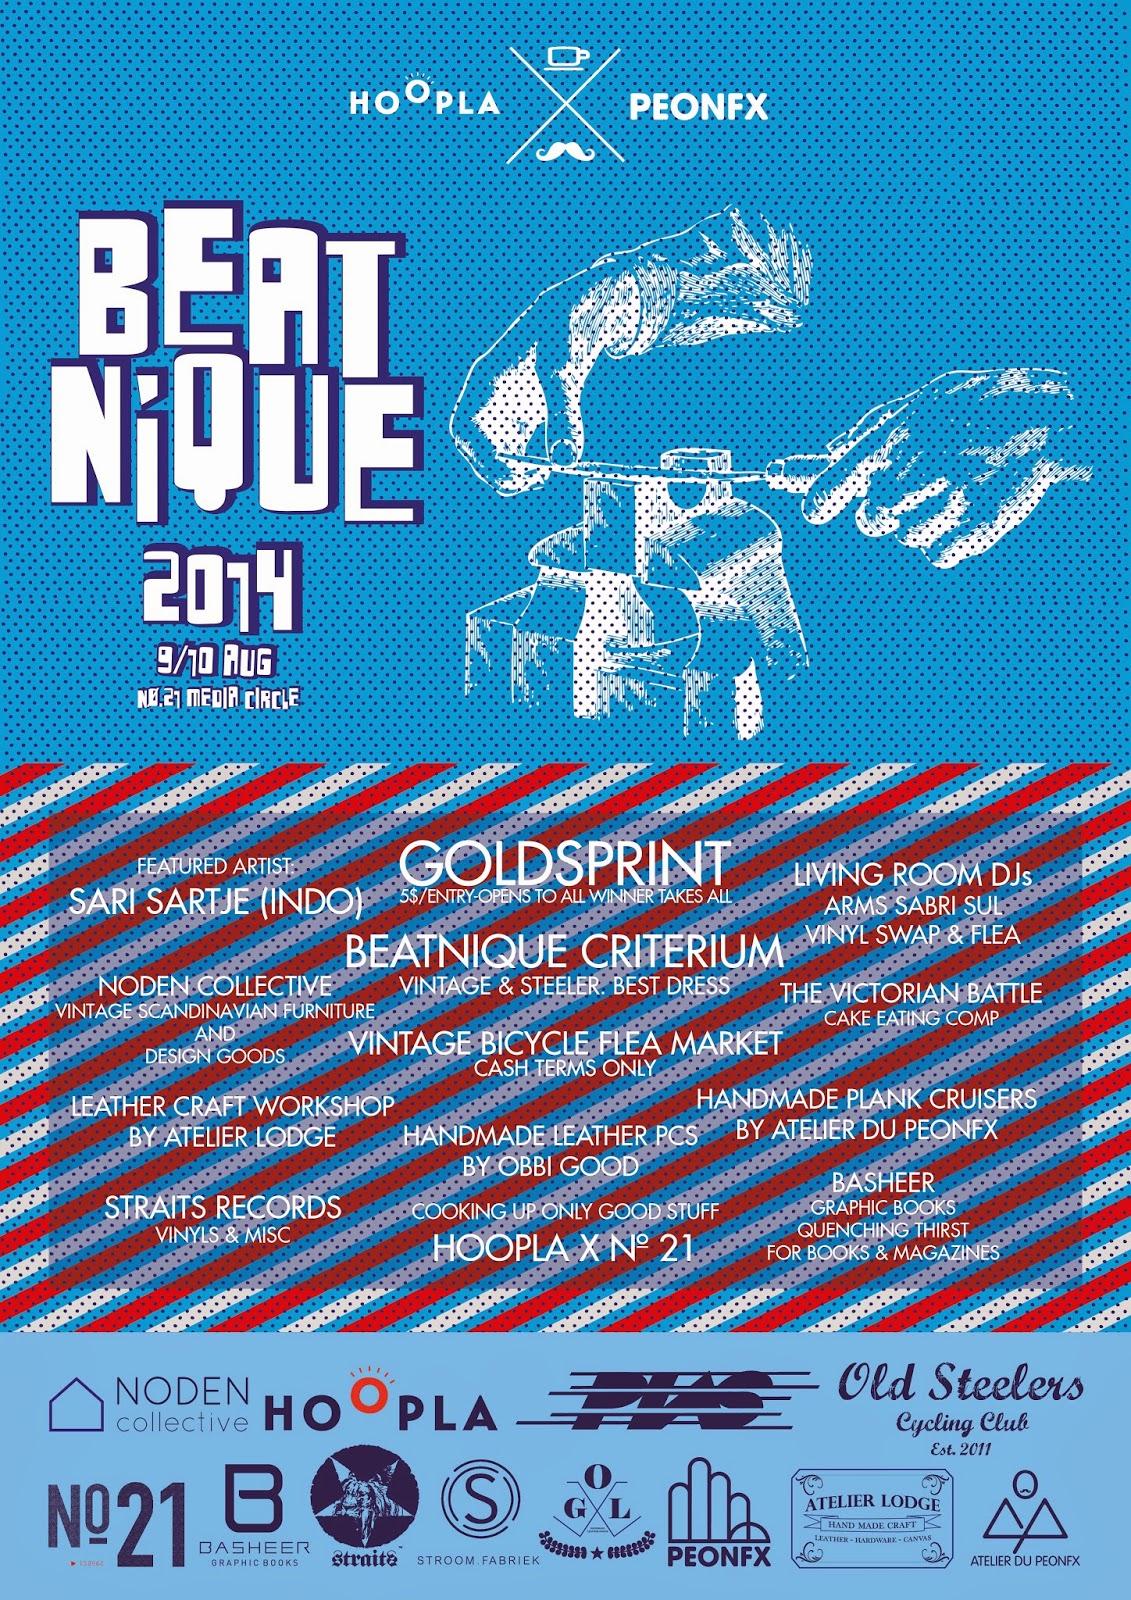 Beatnique 2014